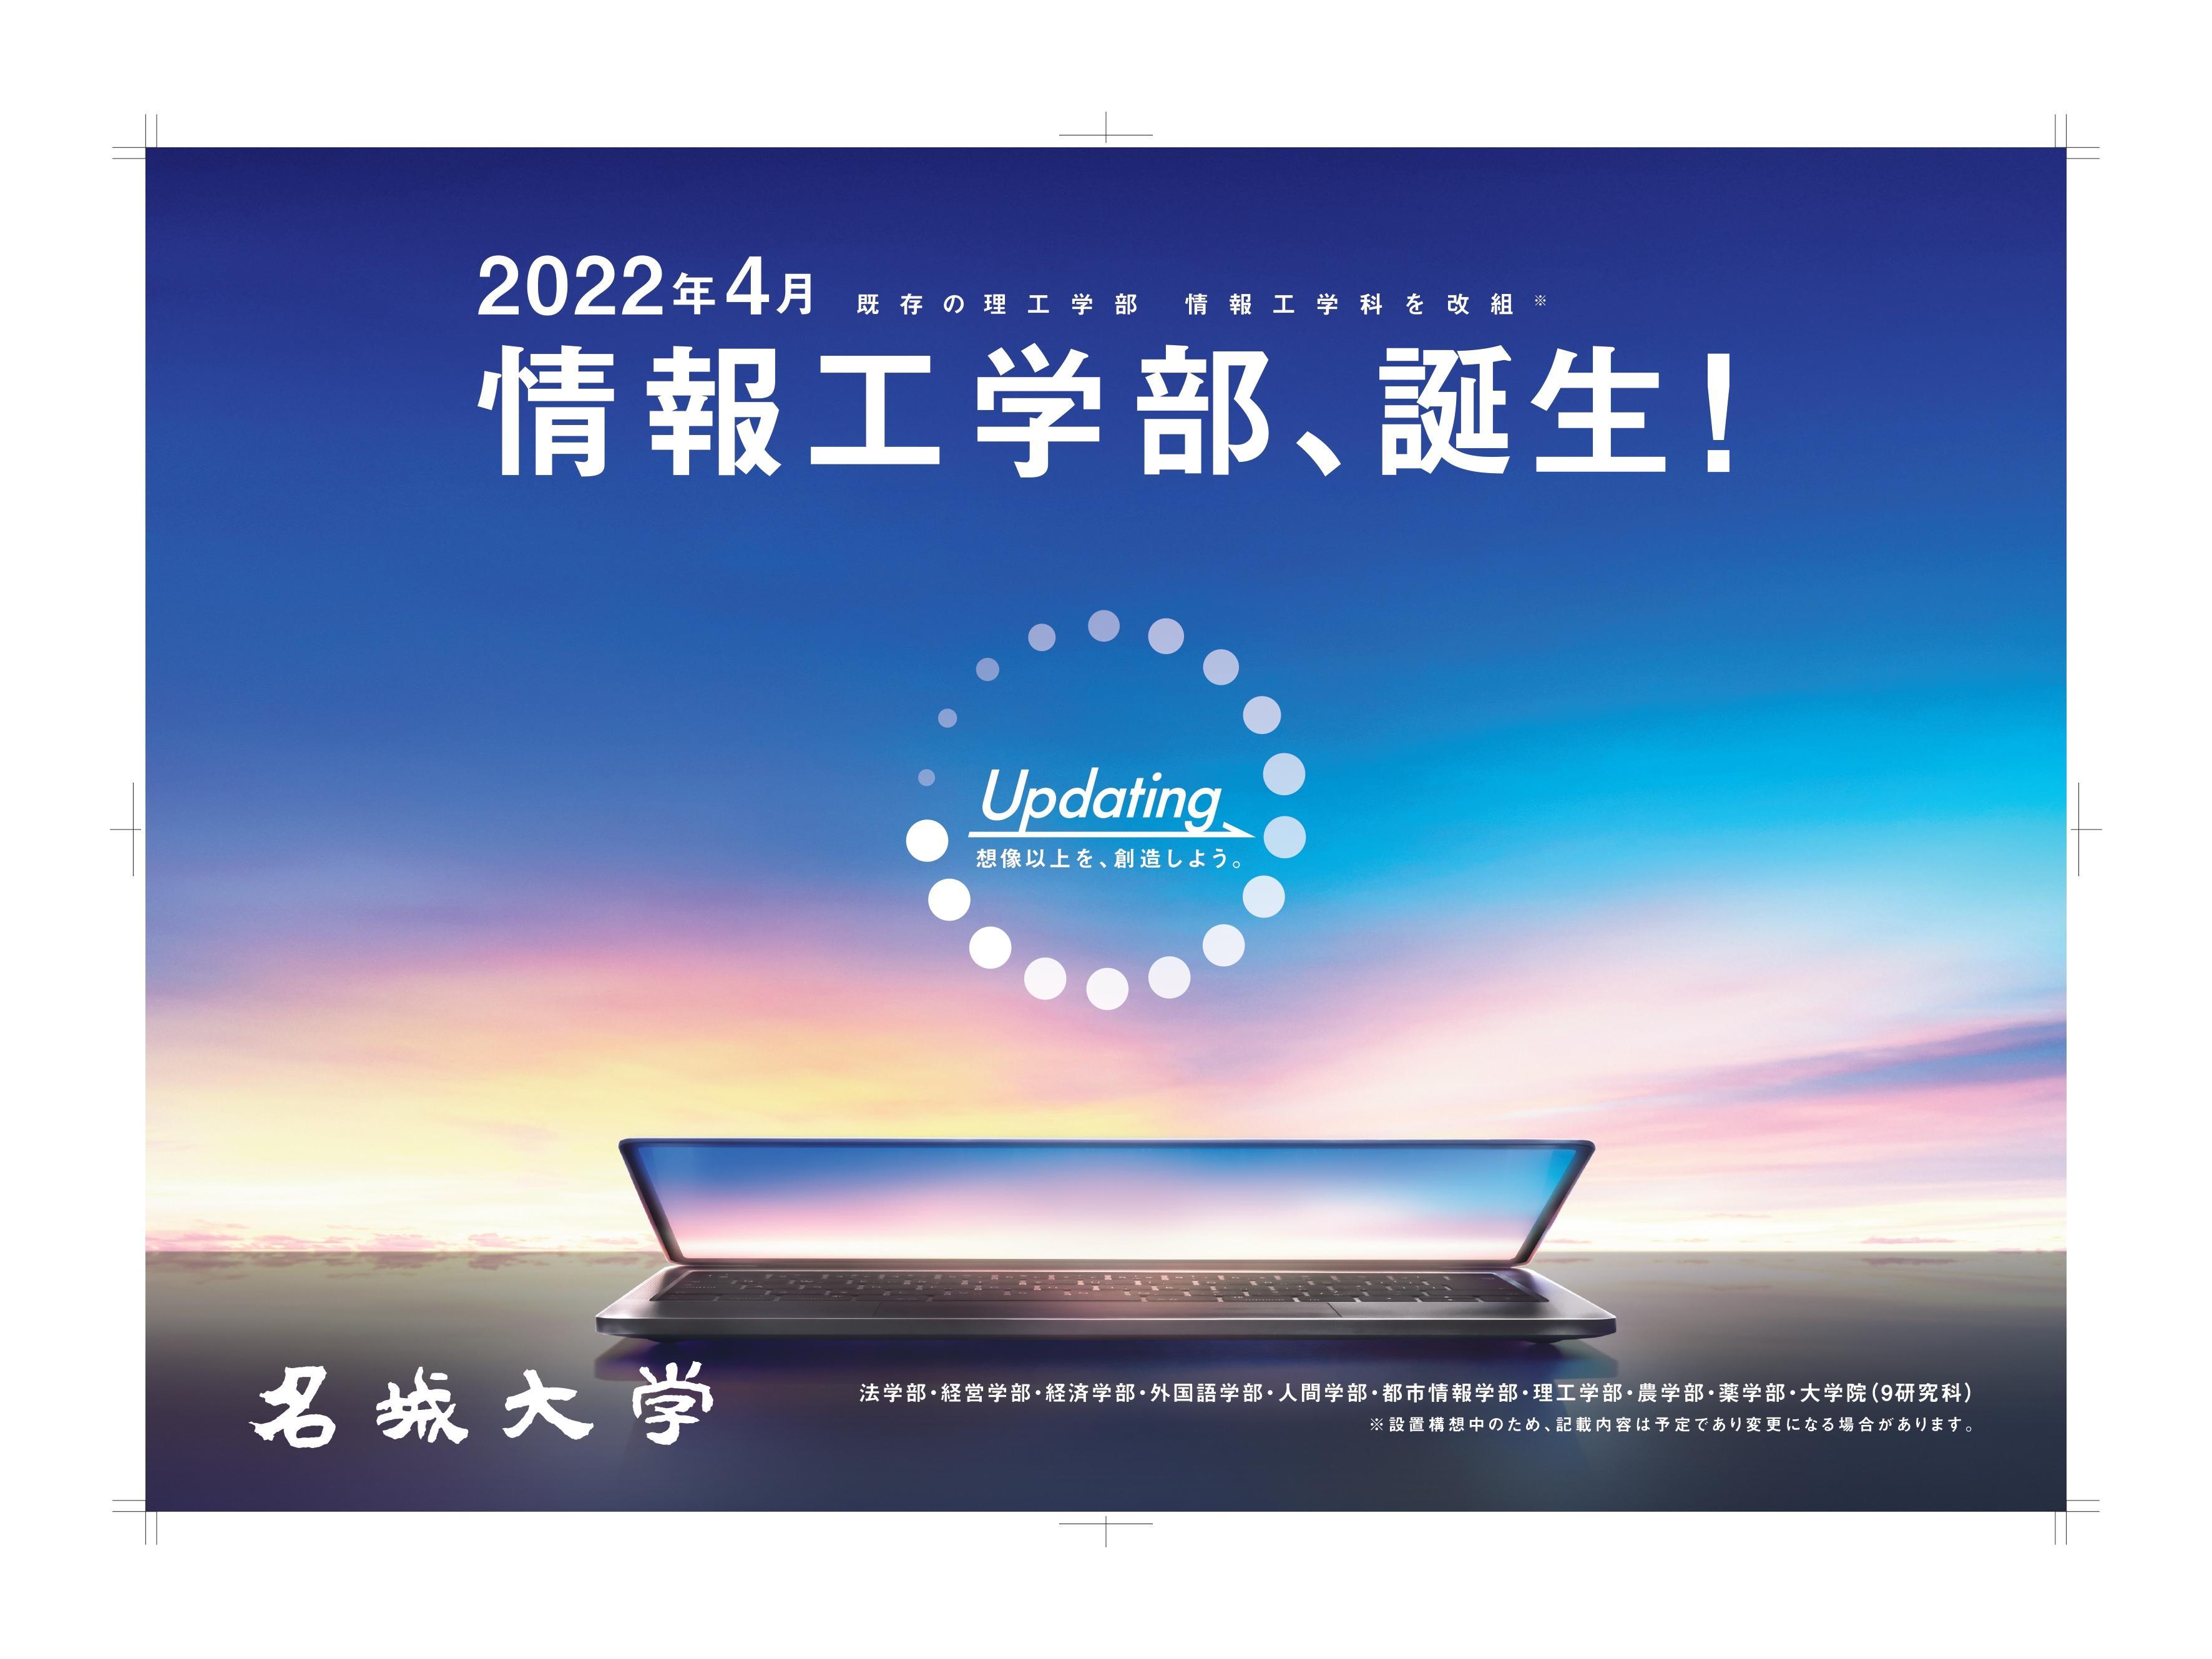 名城大学が2022年4月、情報工学部情報工学科を開設(設置構想中)-- 次世代の情報エンジニア育成を目指す